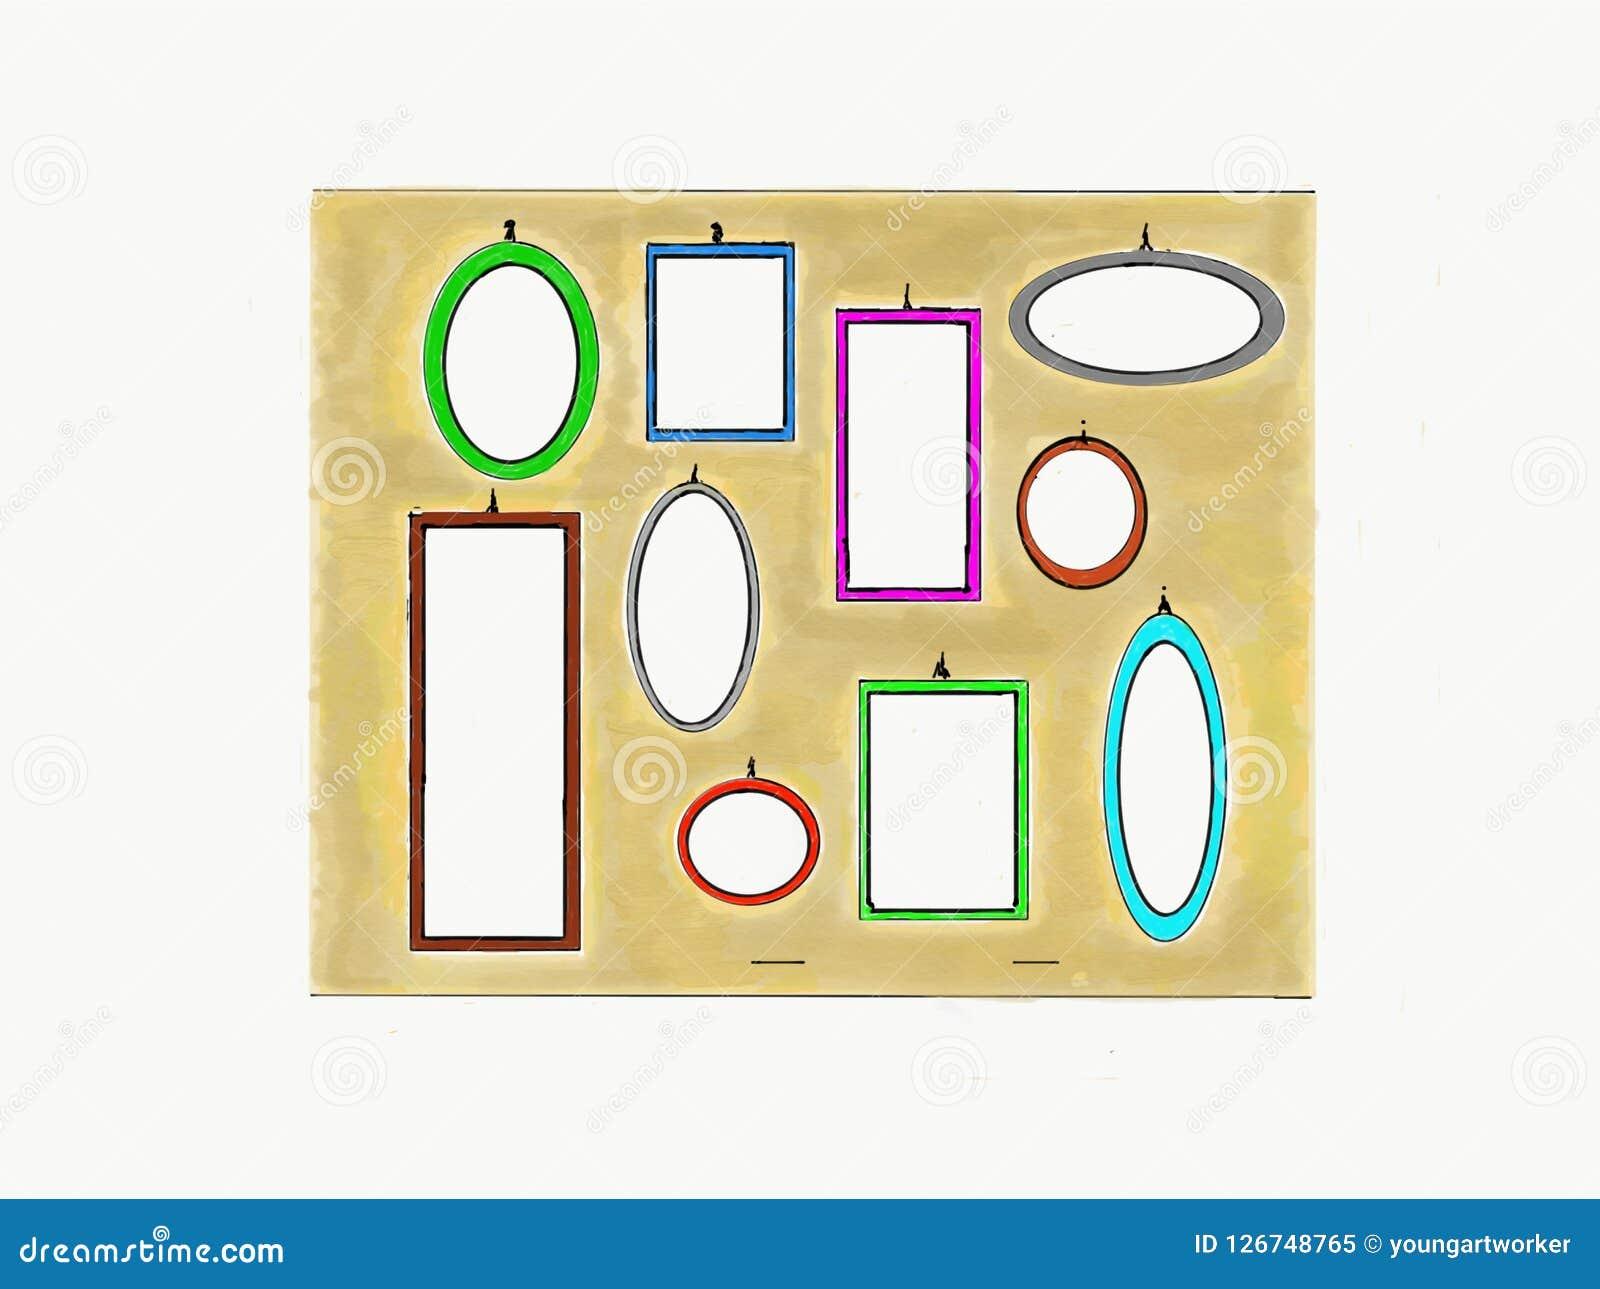 Εξετάστε αυτό που μπορείτε να δείτε με αυτούς τους διαμορφωμένους καθρέφτες